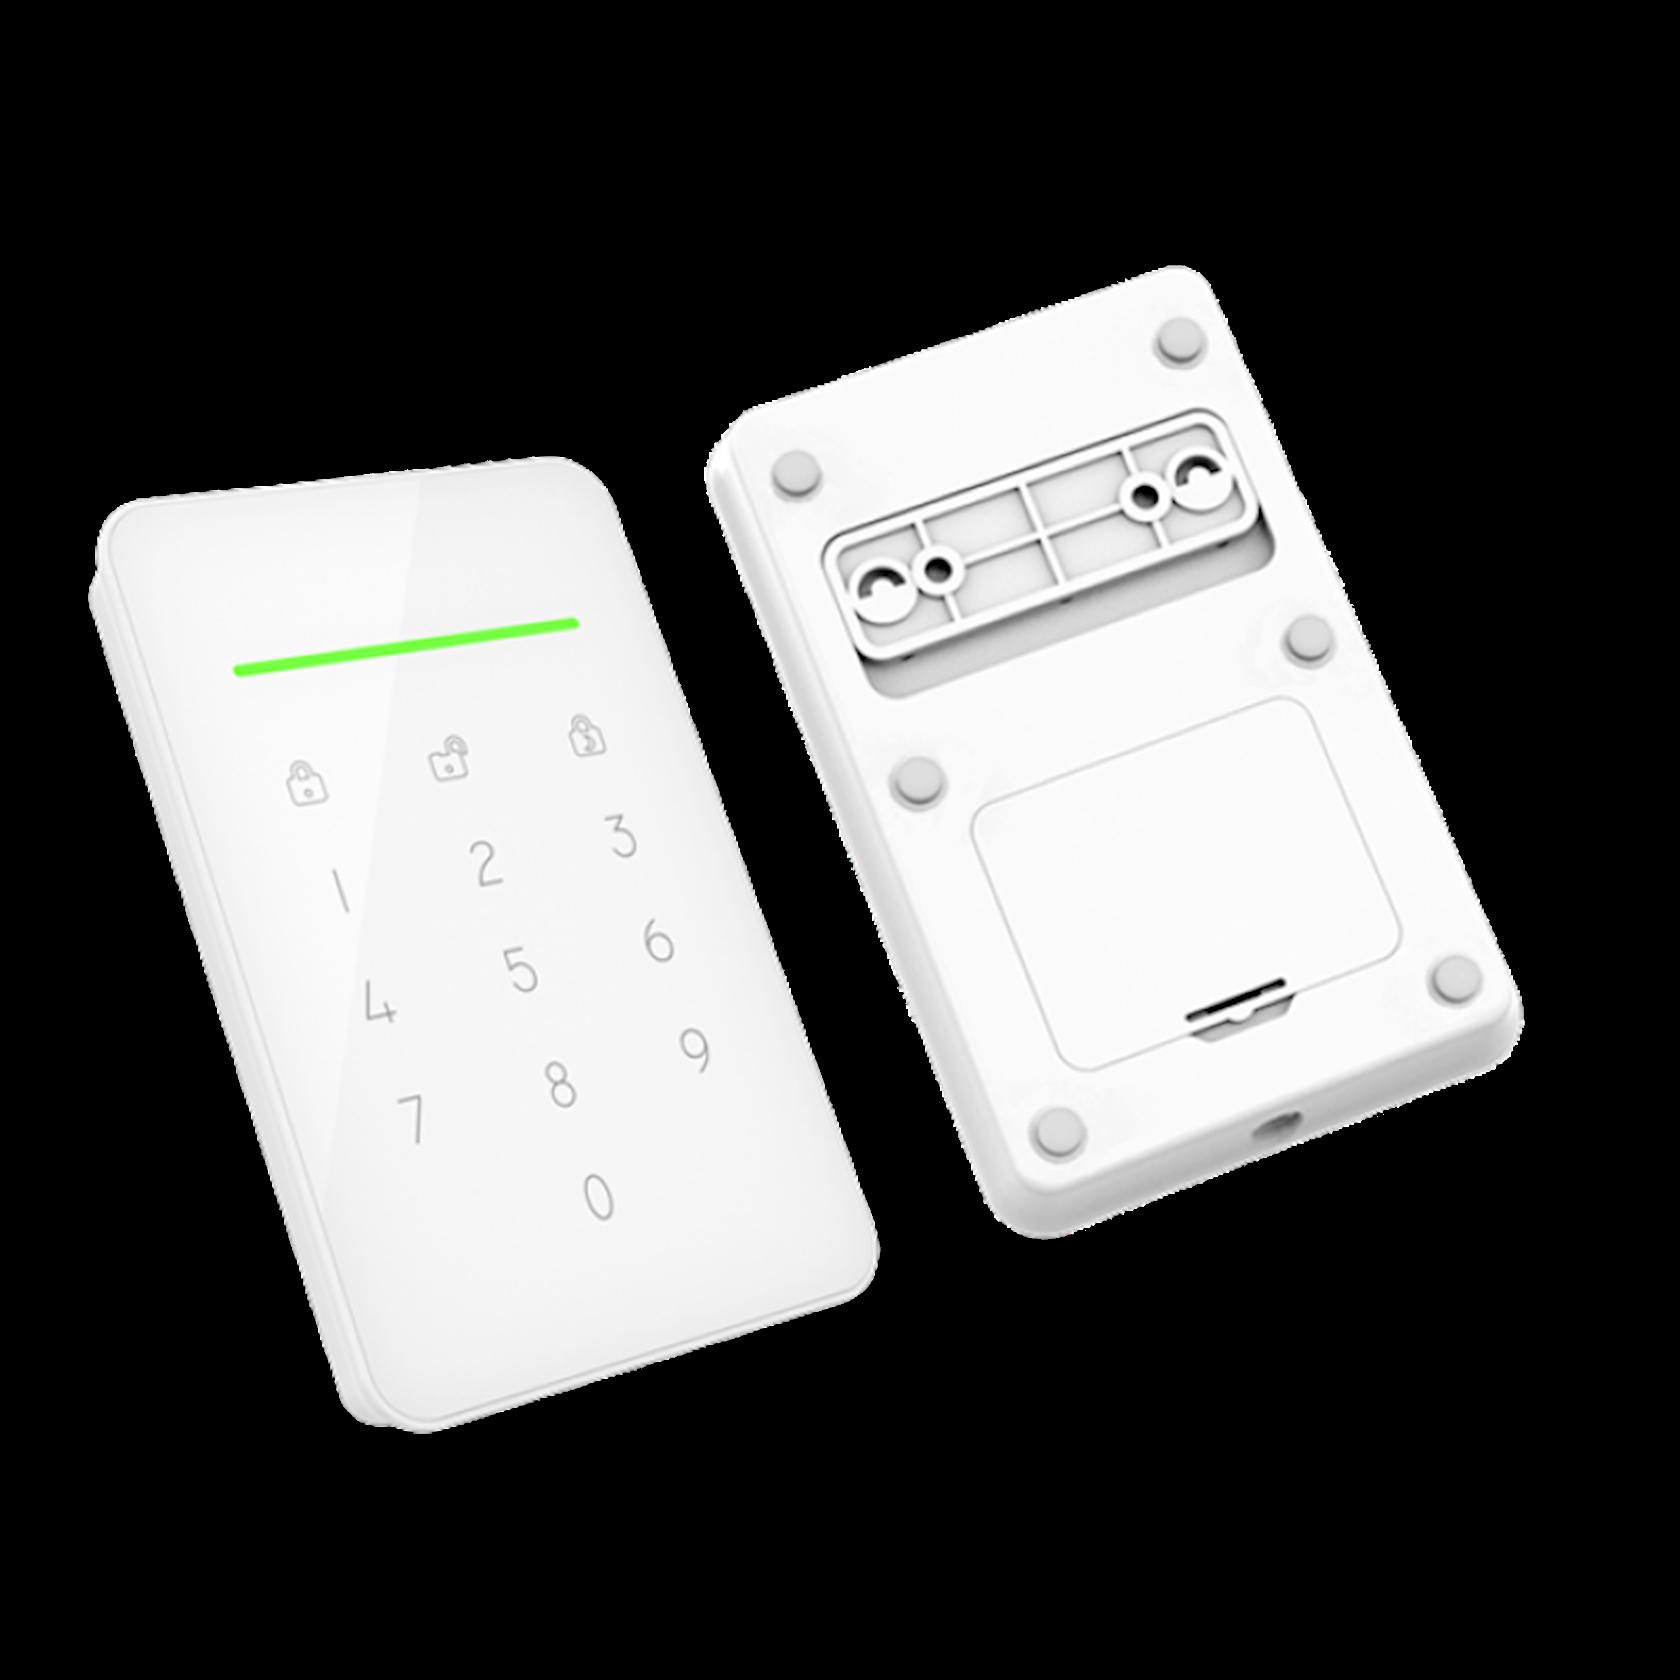 Simsiz Təhlükəsizlik sisteminin idarə olunması kontrolleri Dinsafer Nova Pro DKPA4 Wireless Keypad